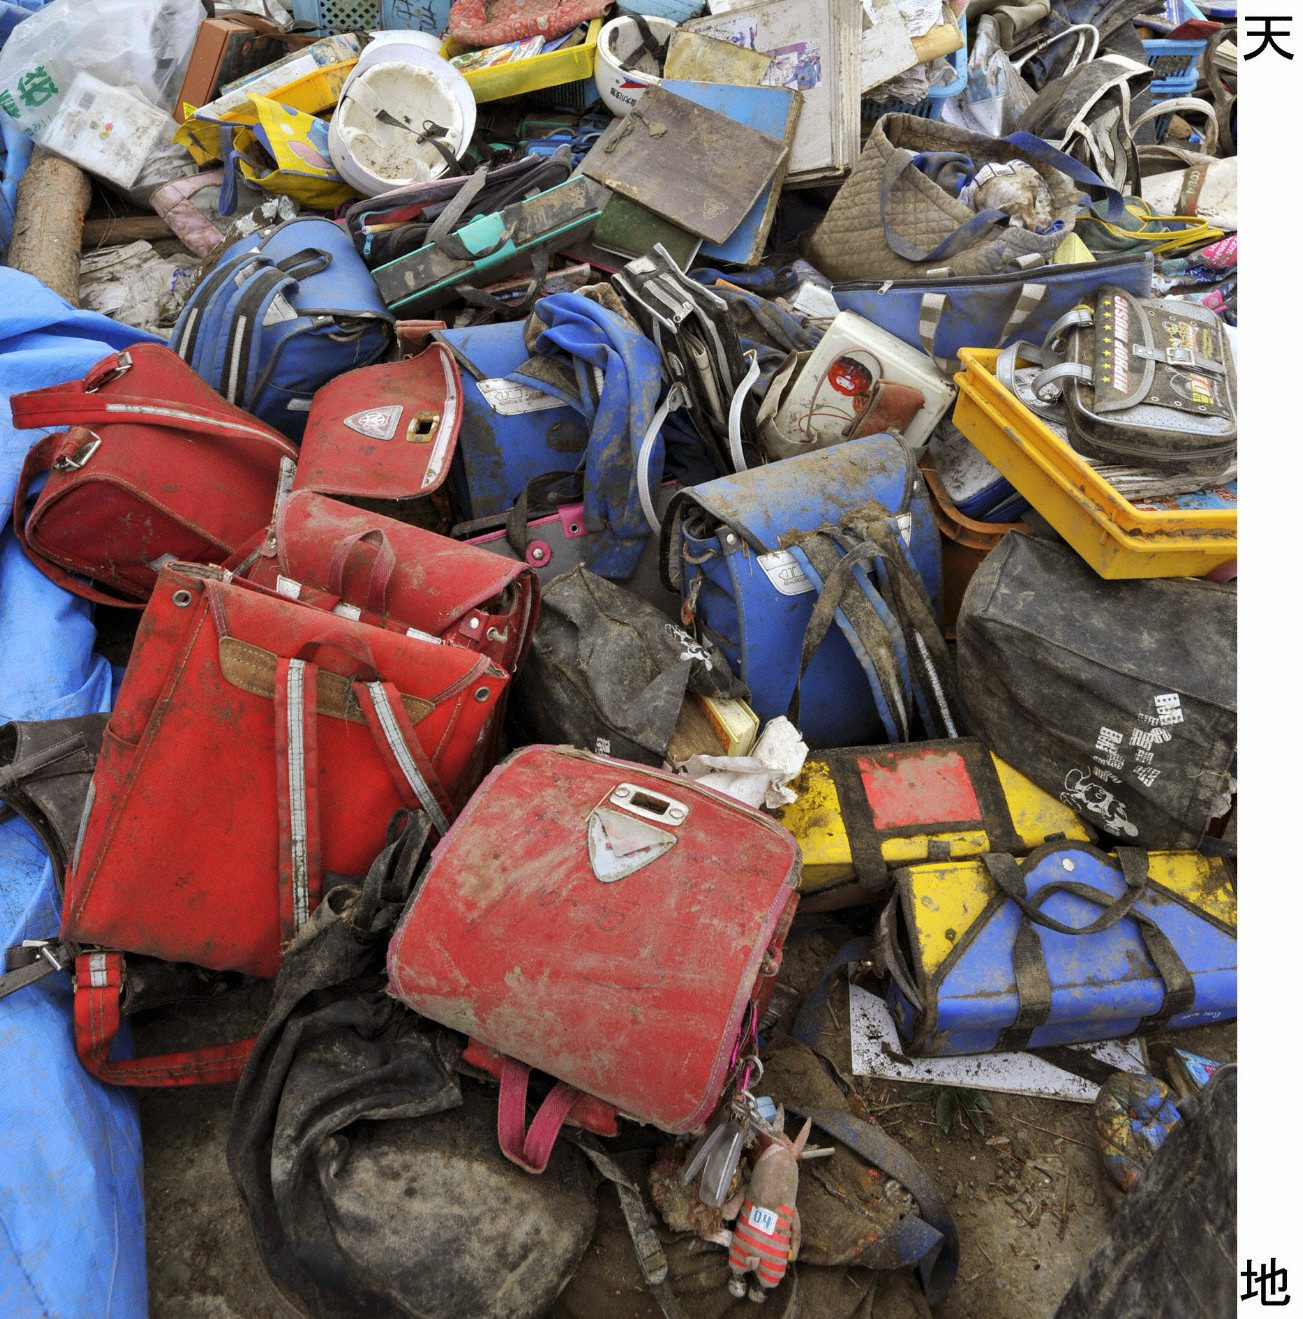 La furia del terremoto in Giappone